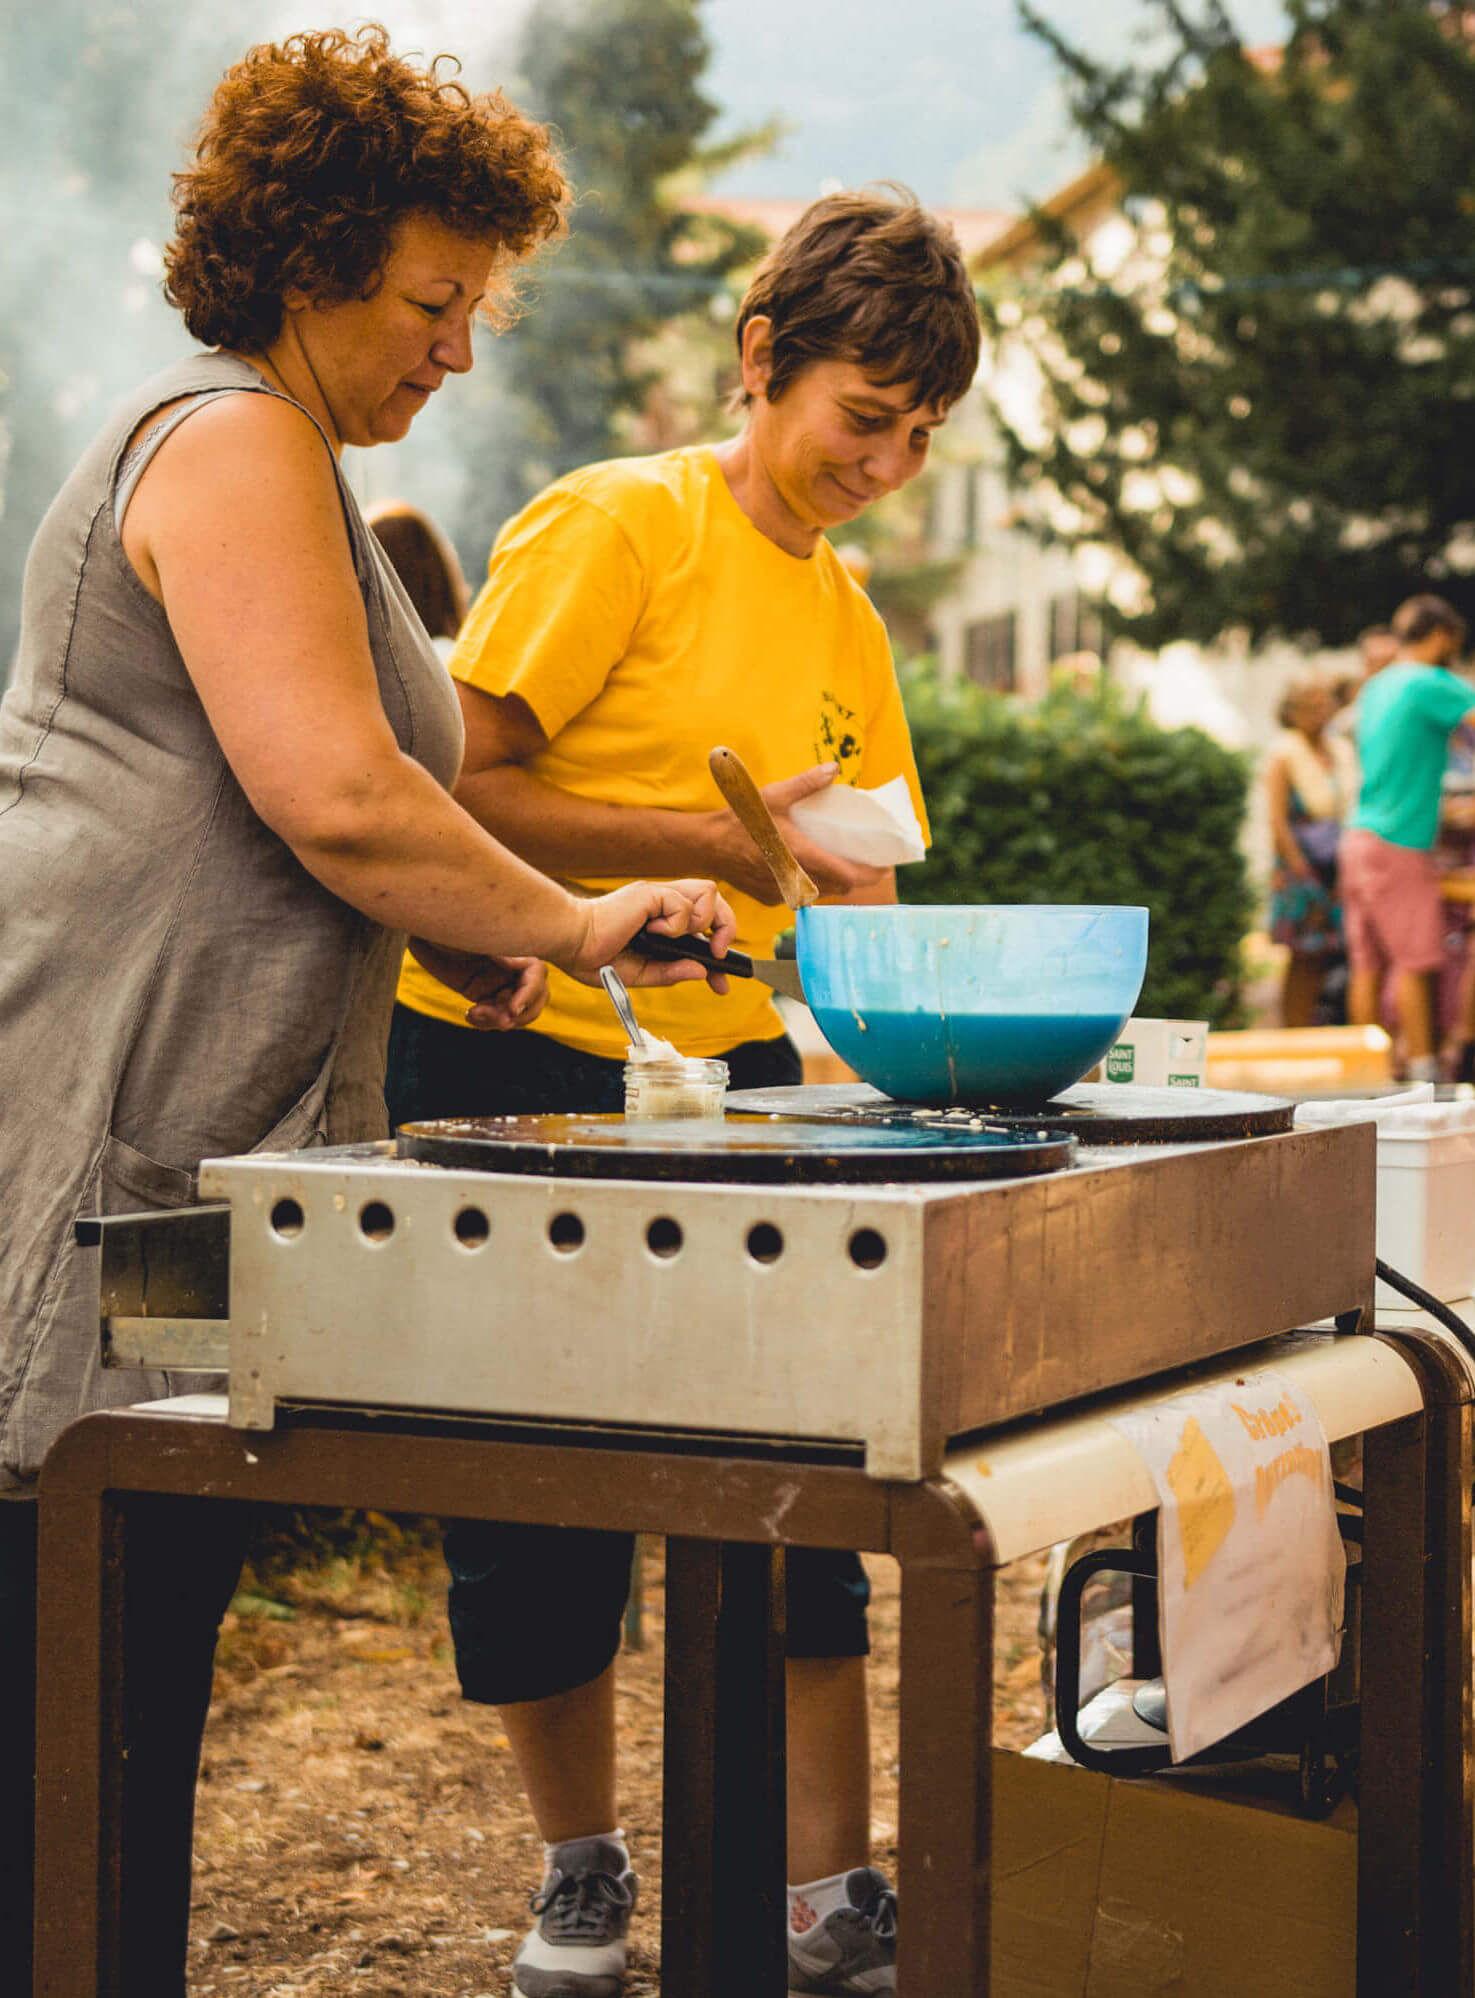 Zwei Frauen bereiten Crêpes auf einem Markt zu.